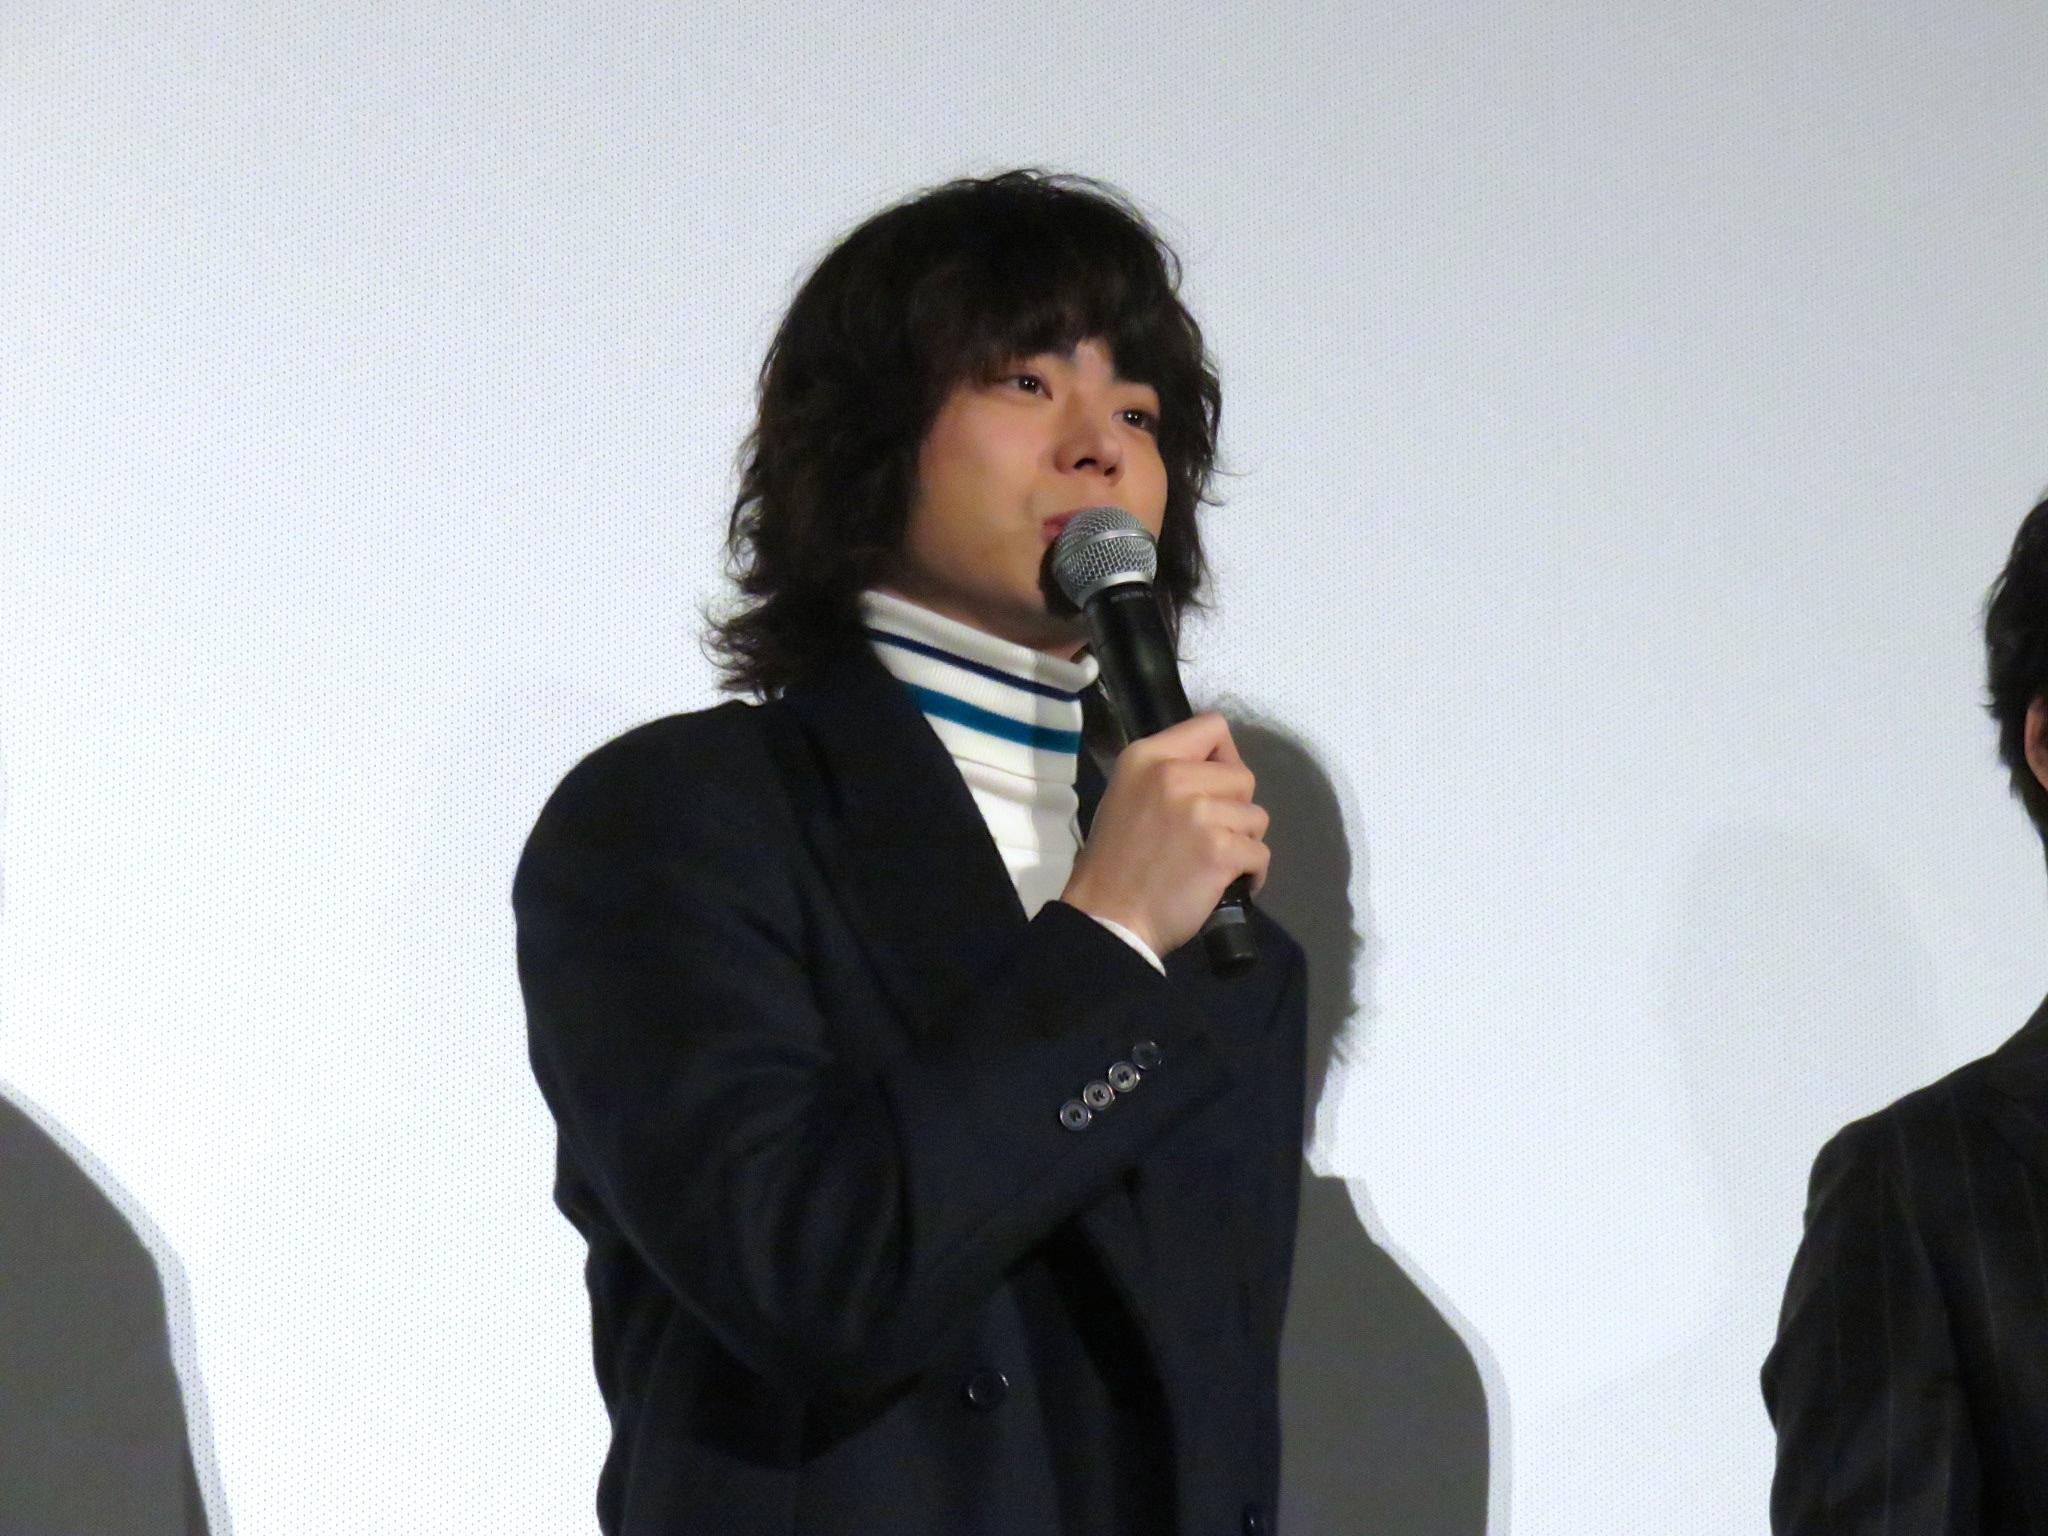 http://news.yoshimoto.co.jp/20171201003430-61efd72a4dd30c0c5faa6d5c2c18b1931e12a74f.jpg